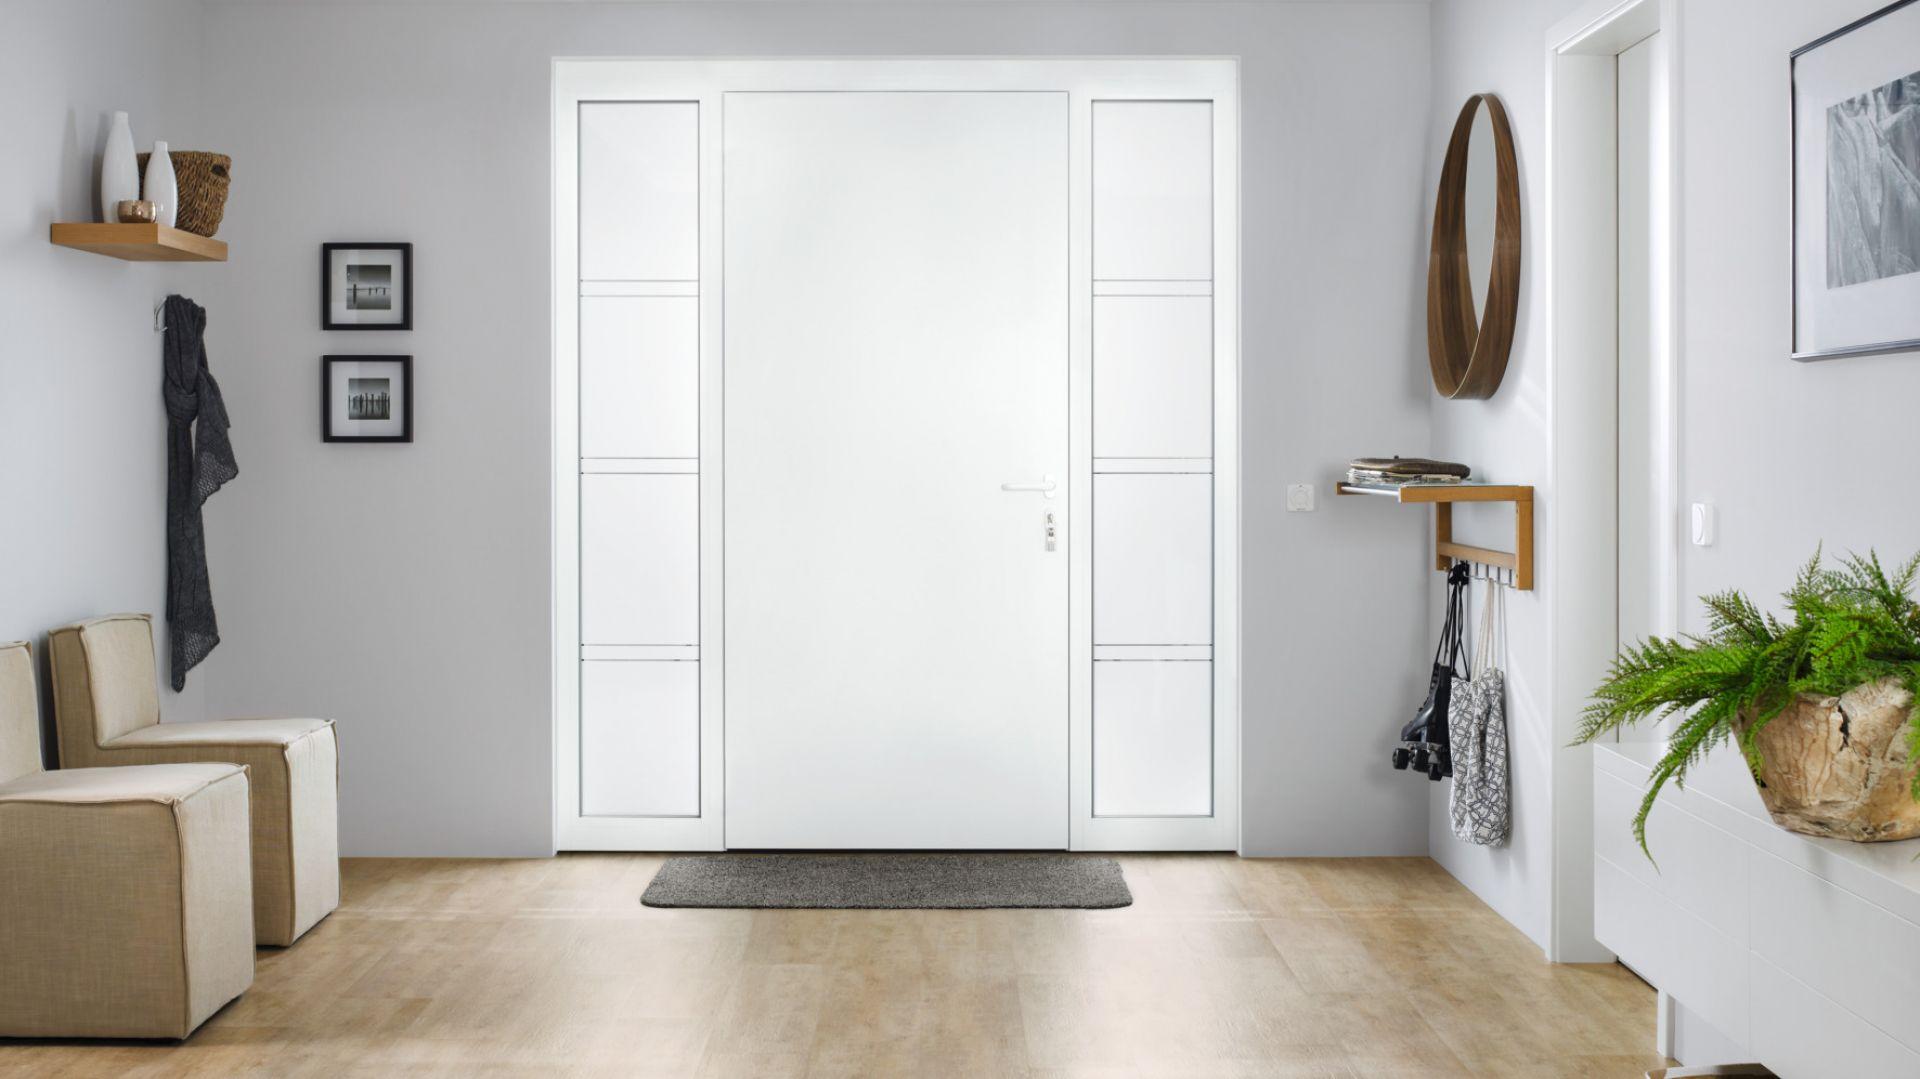 Drzwi ThermoSafe Hybrid mają od wewnątrz płaską i równą powierzchnię. To nadaje im elegancki charakter. Fot. Hörmann